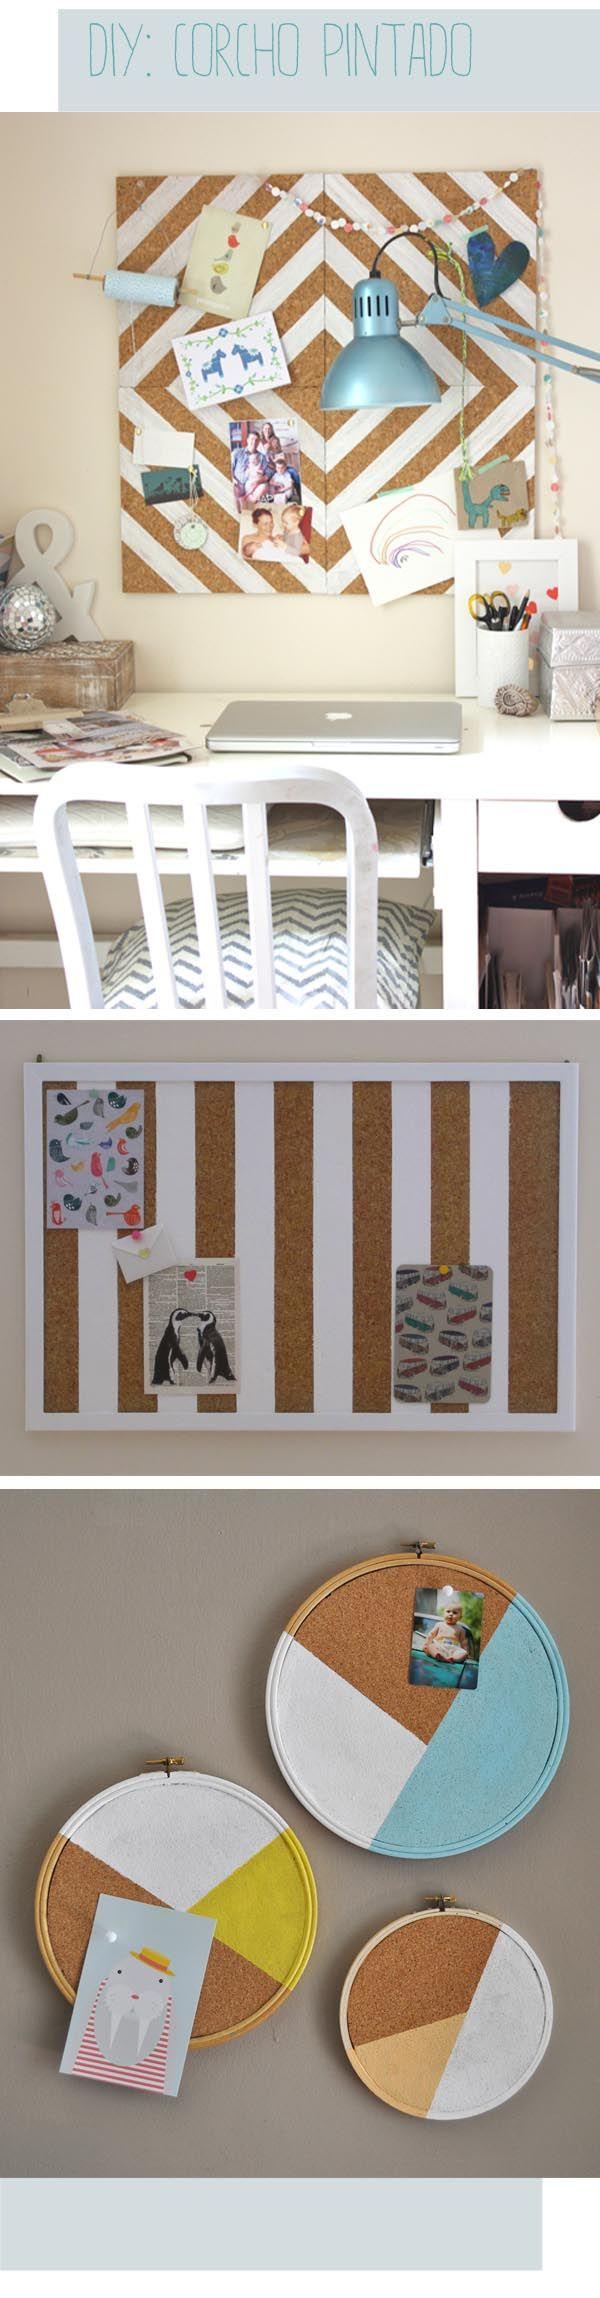 Corchos decorados - niños, decoración, fiestas y manualidades - escarabajos bichos y mariposas